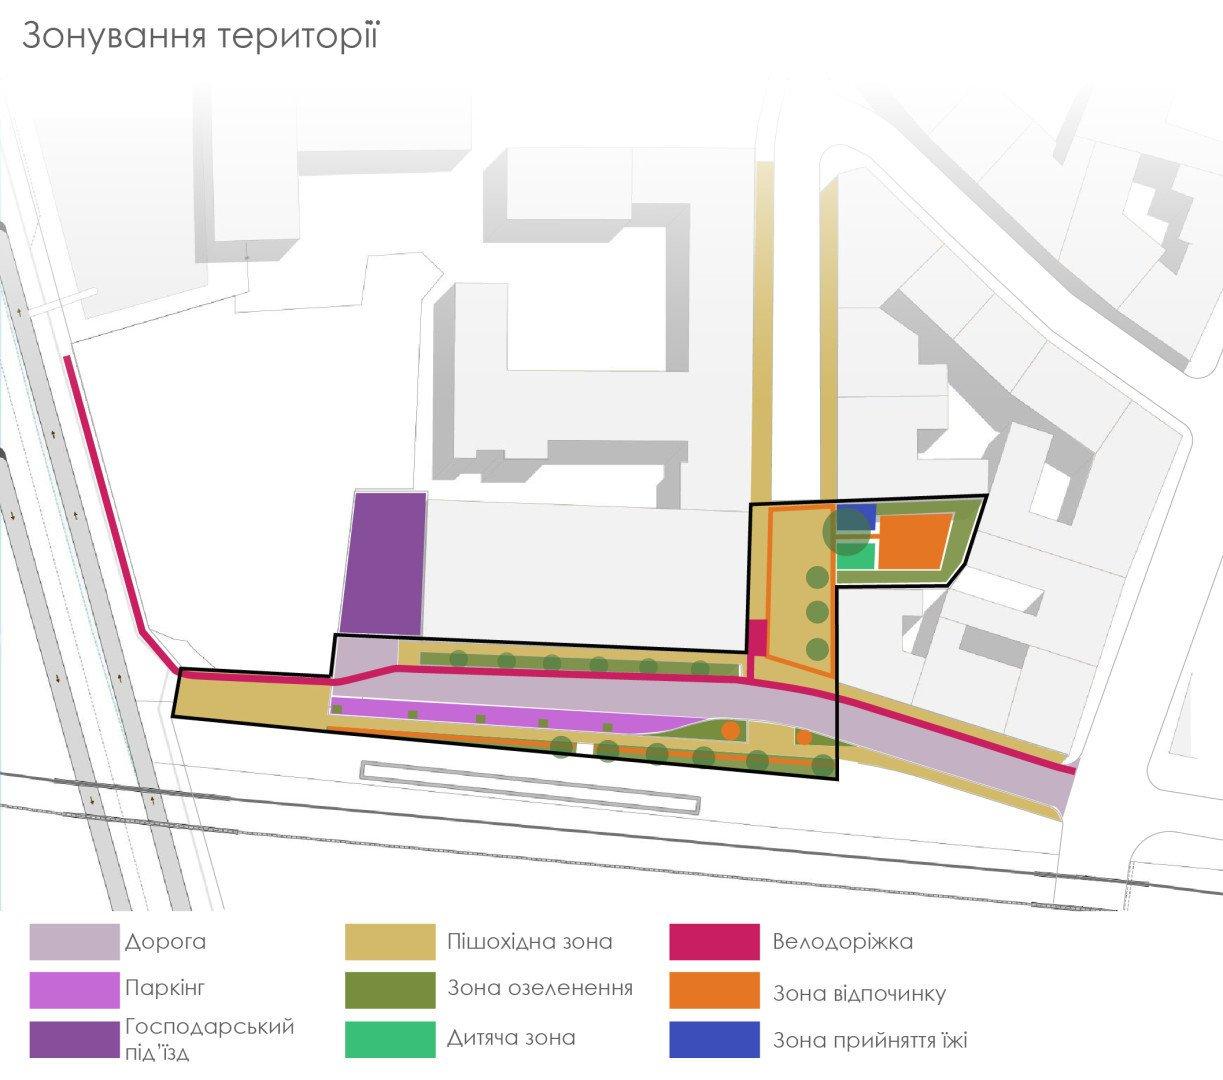 Громадський бюджет Львова 2018: ТОП-7 проектів для Шевченківського району, фото-11